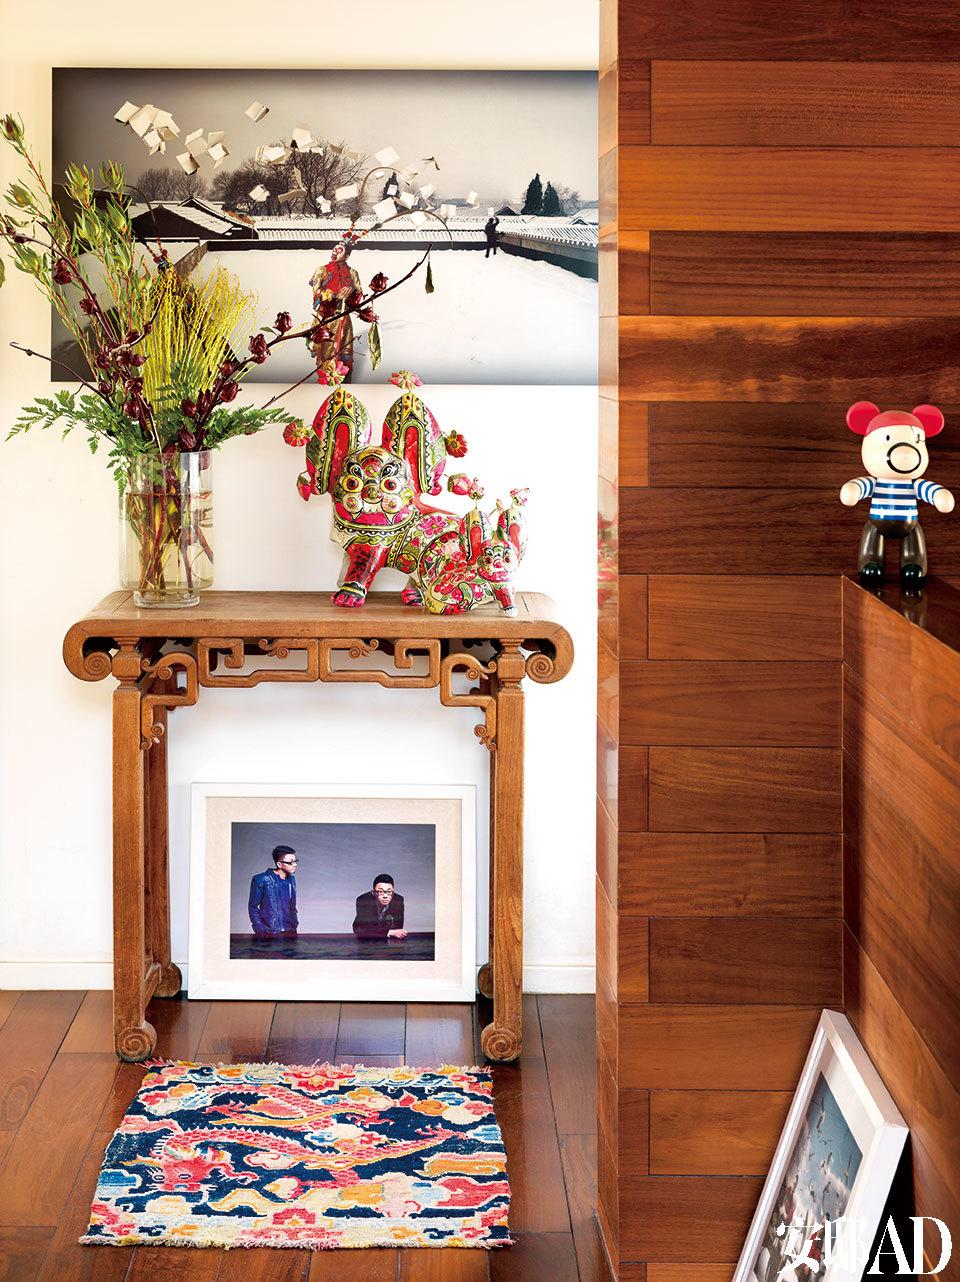 在二层并不宽敞的过道中,如果嫌老案几、老地毯与摄影作品相配还不够有个性,那么,放上造型有趣的卡通玩具、中式传统玩偶,是不是更有梦幻意趣?